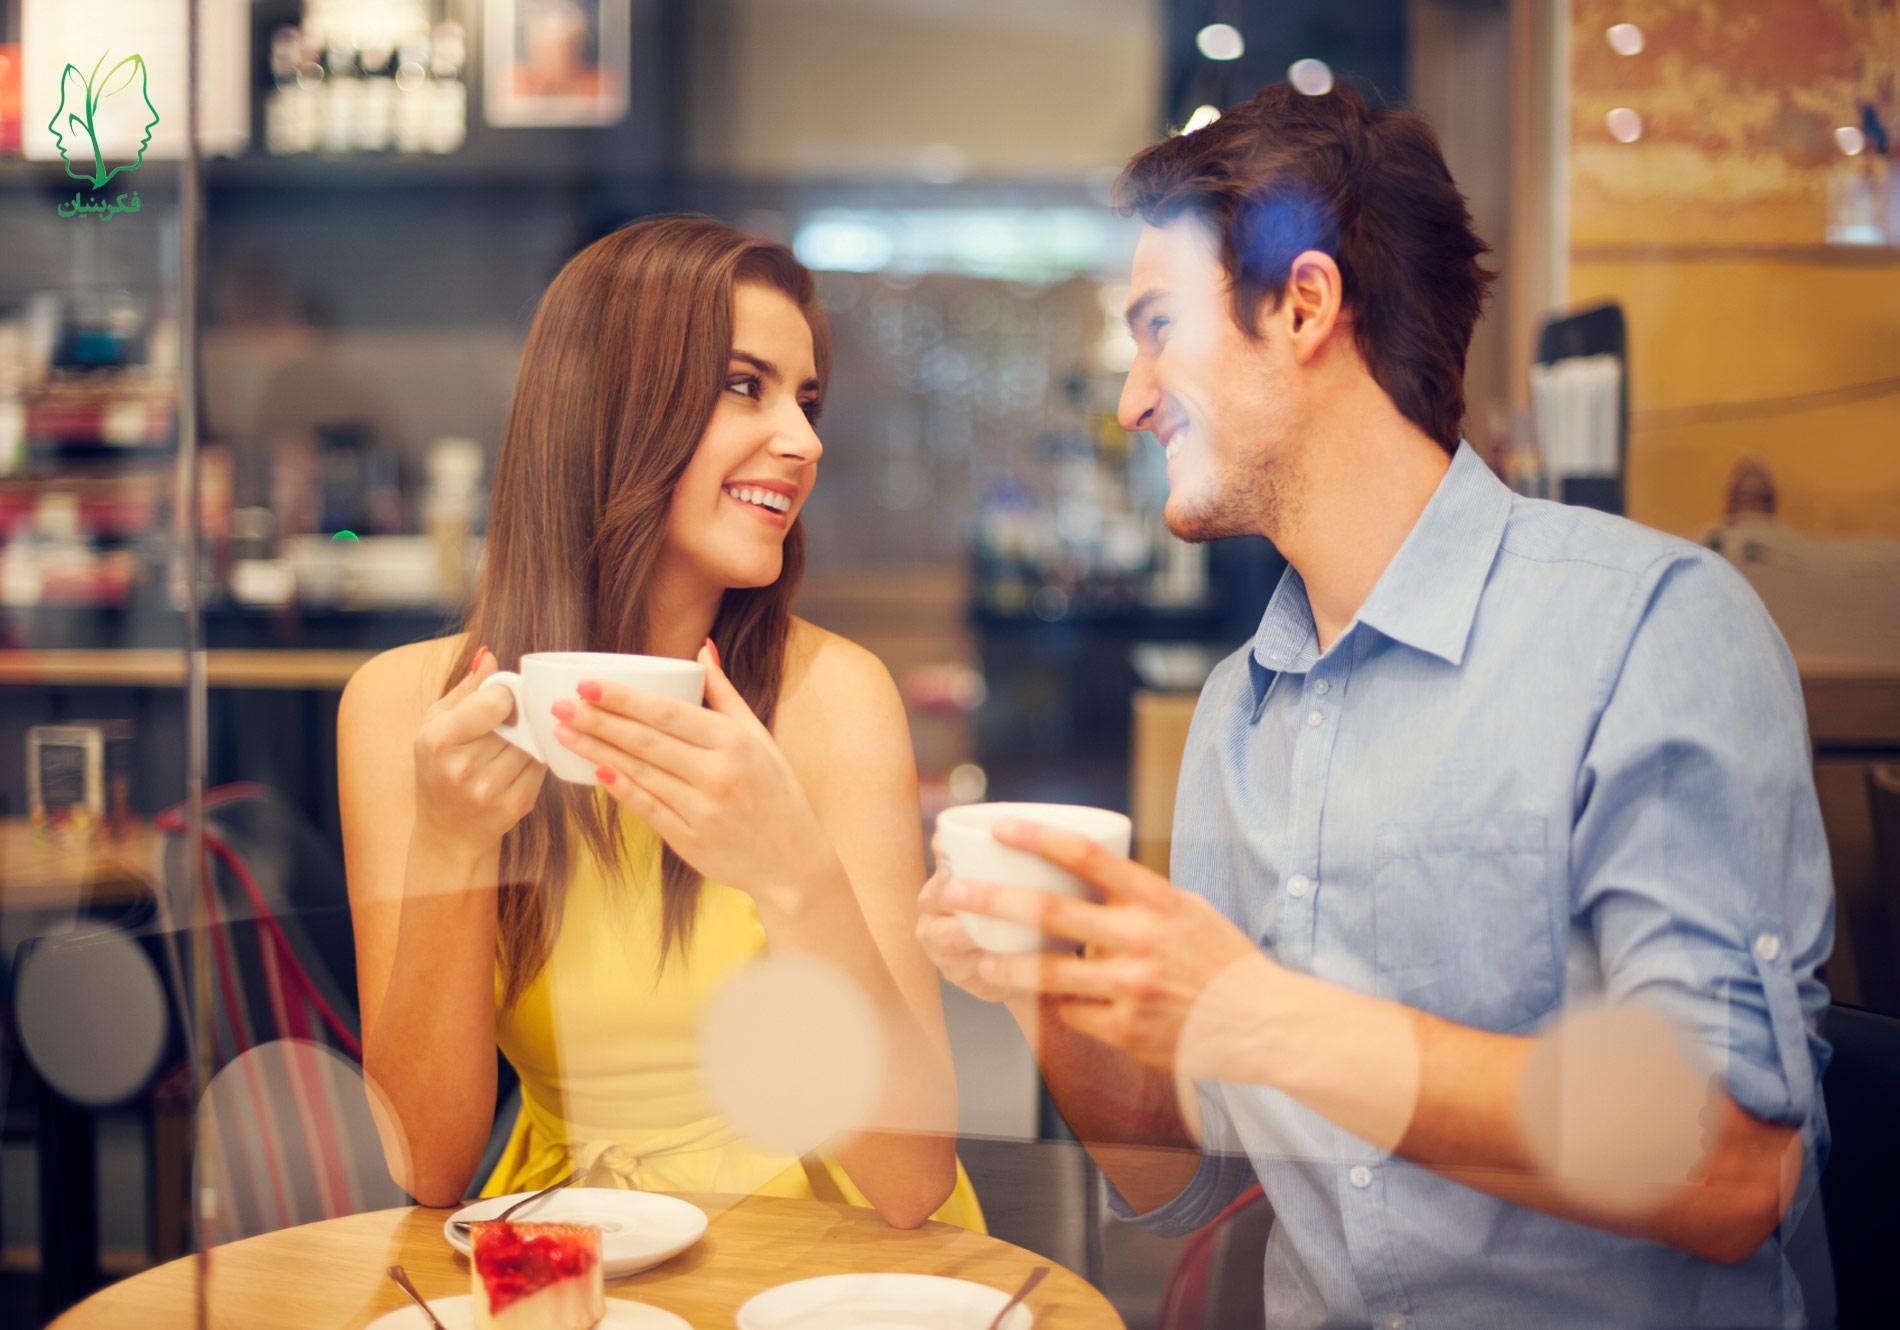 اصول دهگانهی ارتباط سالم در زندگی مشترک چیست؟